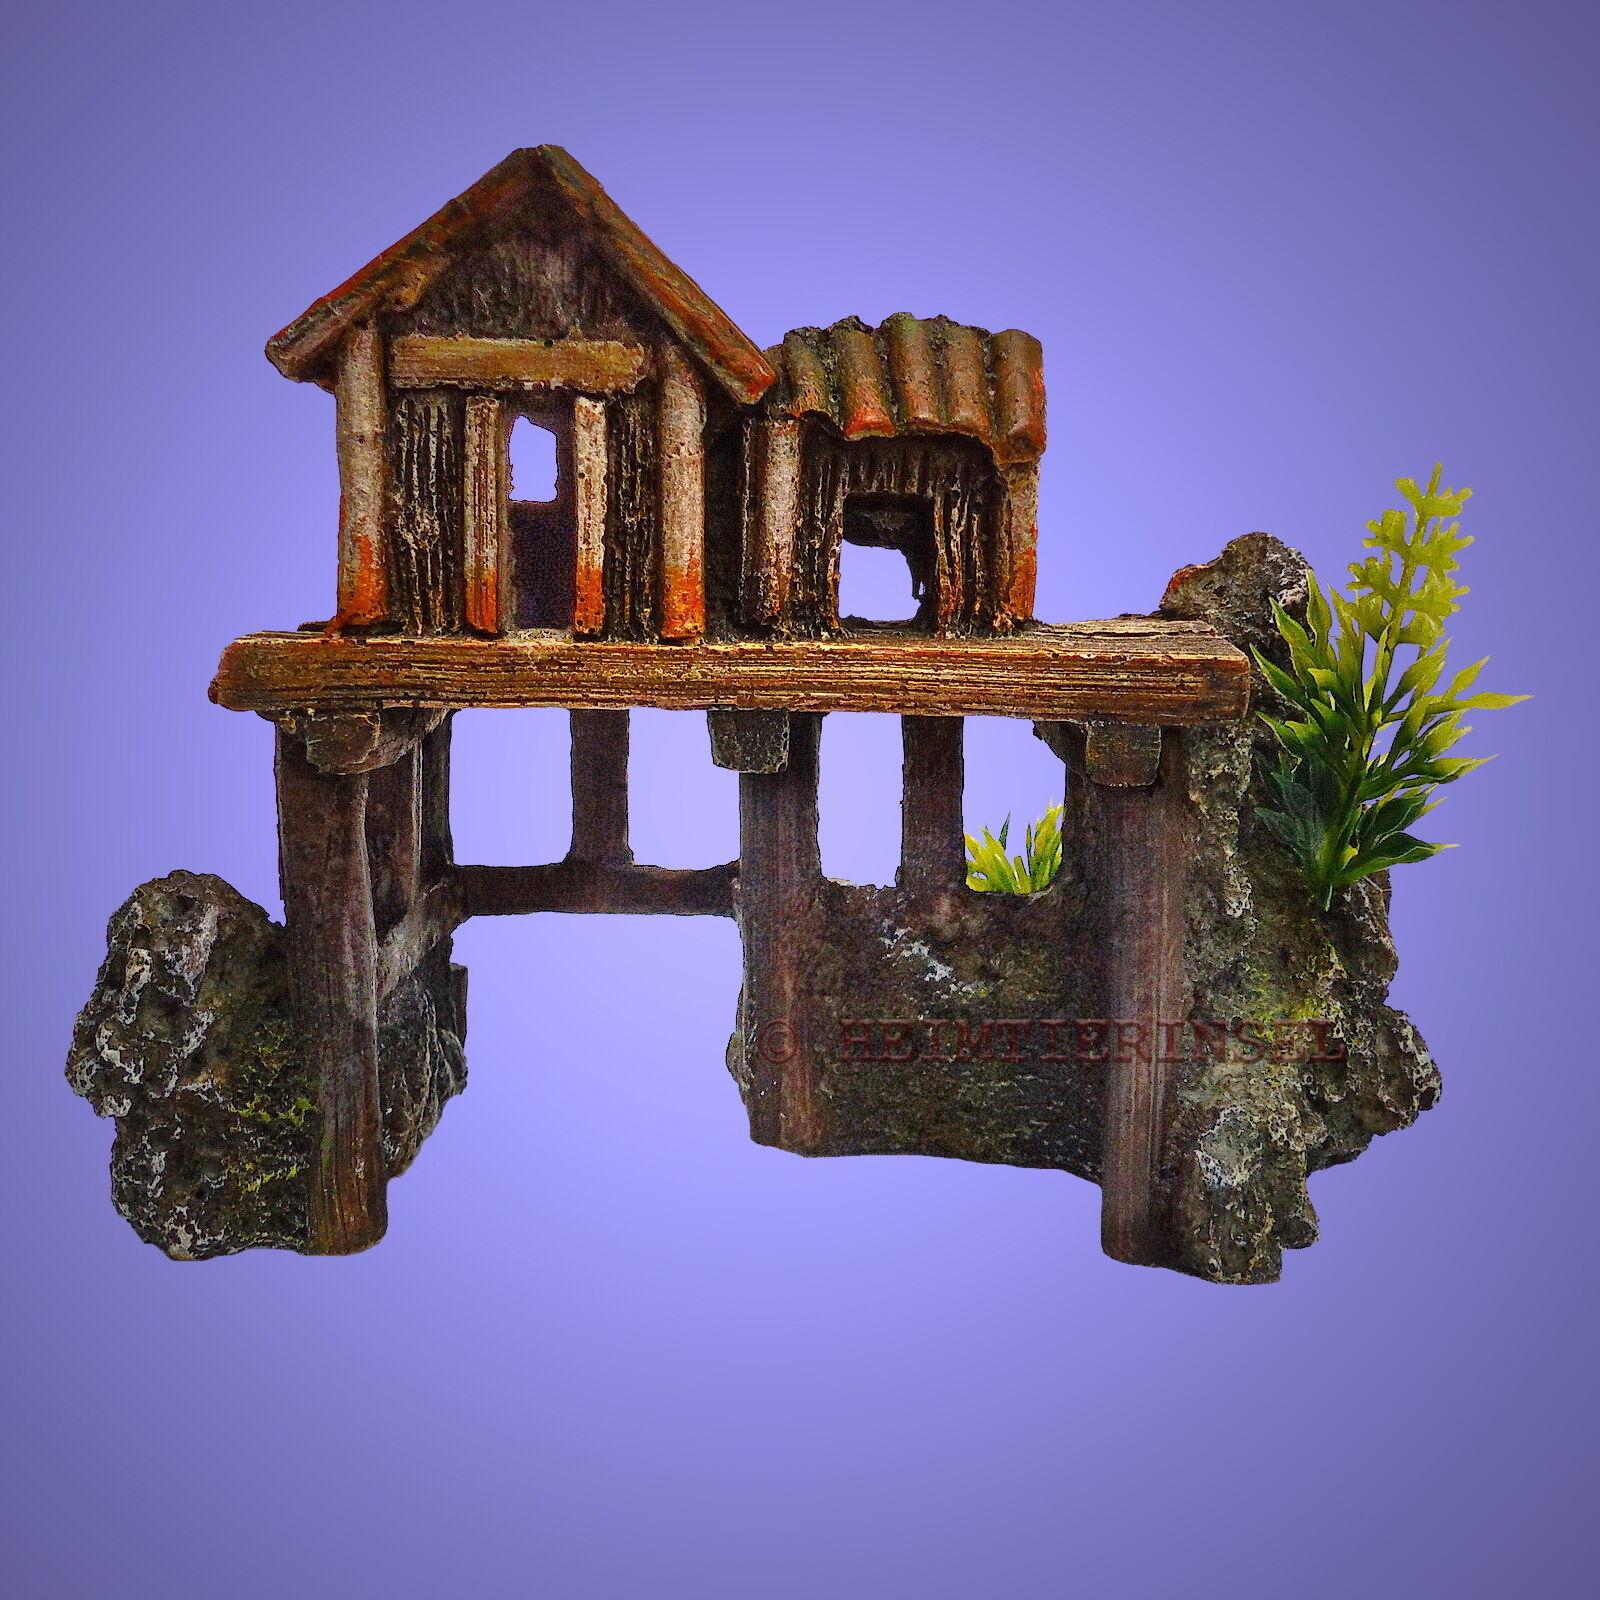 aquarium deko kleines pfahl haus h hle fische terrarium dekoration zubeh r eur 9 99. Black Bedroom Furniture Sets. Home Design Ideas